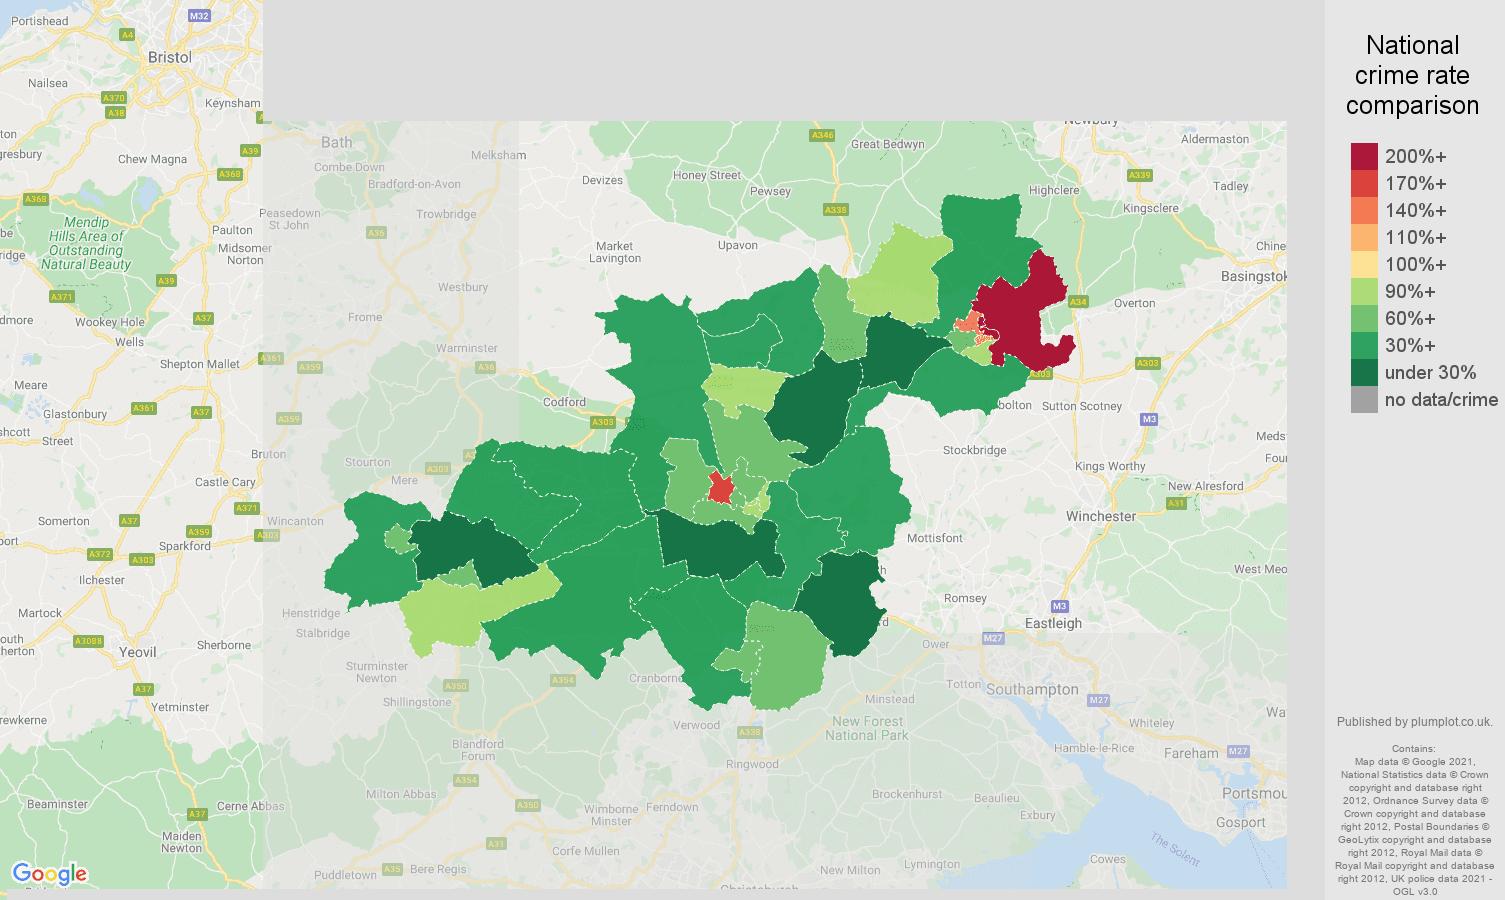 Salisbury violent crime rate comparison map